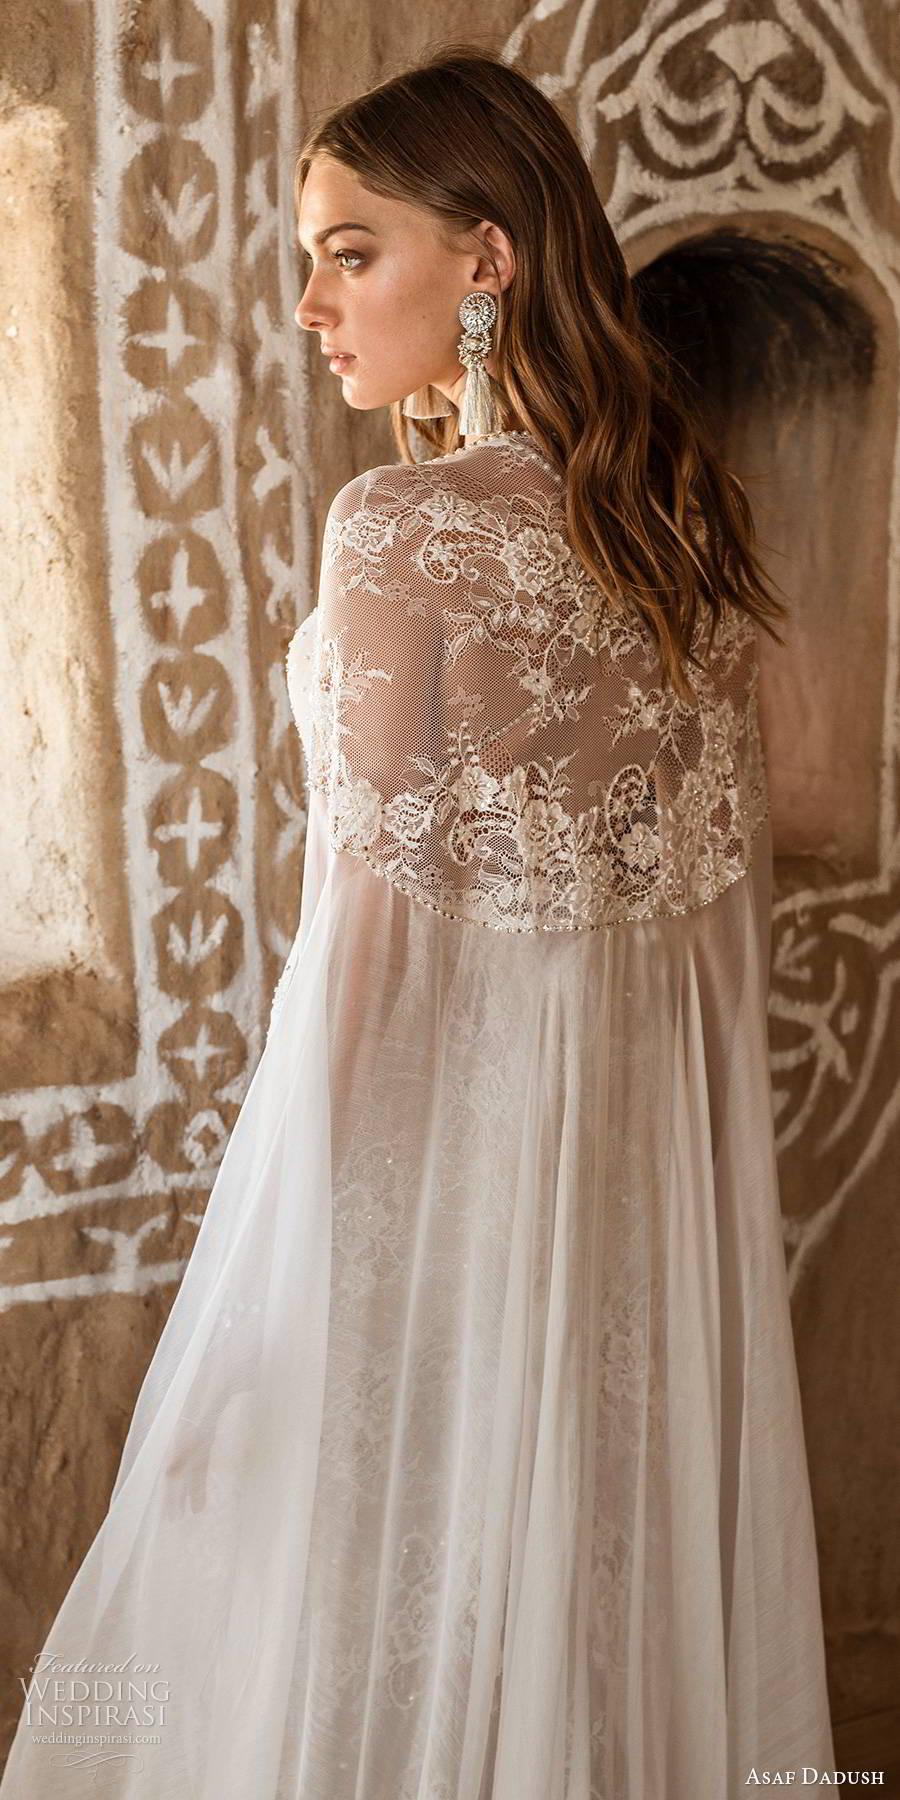 asaf dadush 2019 bridal sleeveless thin beaded straps plunging sweetheart neckline fully embellished lace glam sheath wedding dress sheer cape sweep train mv (1) zbv